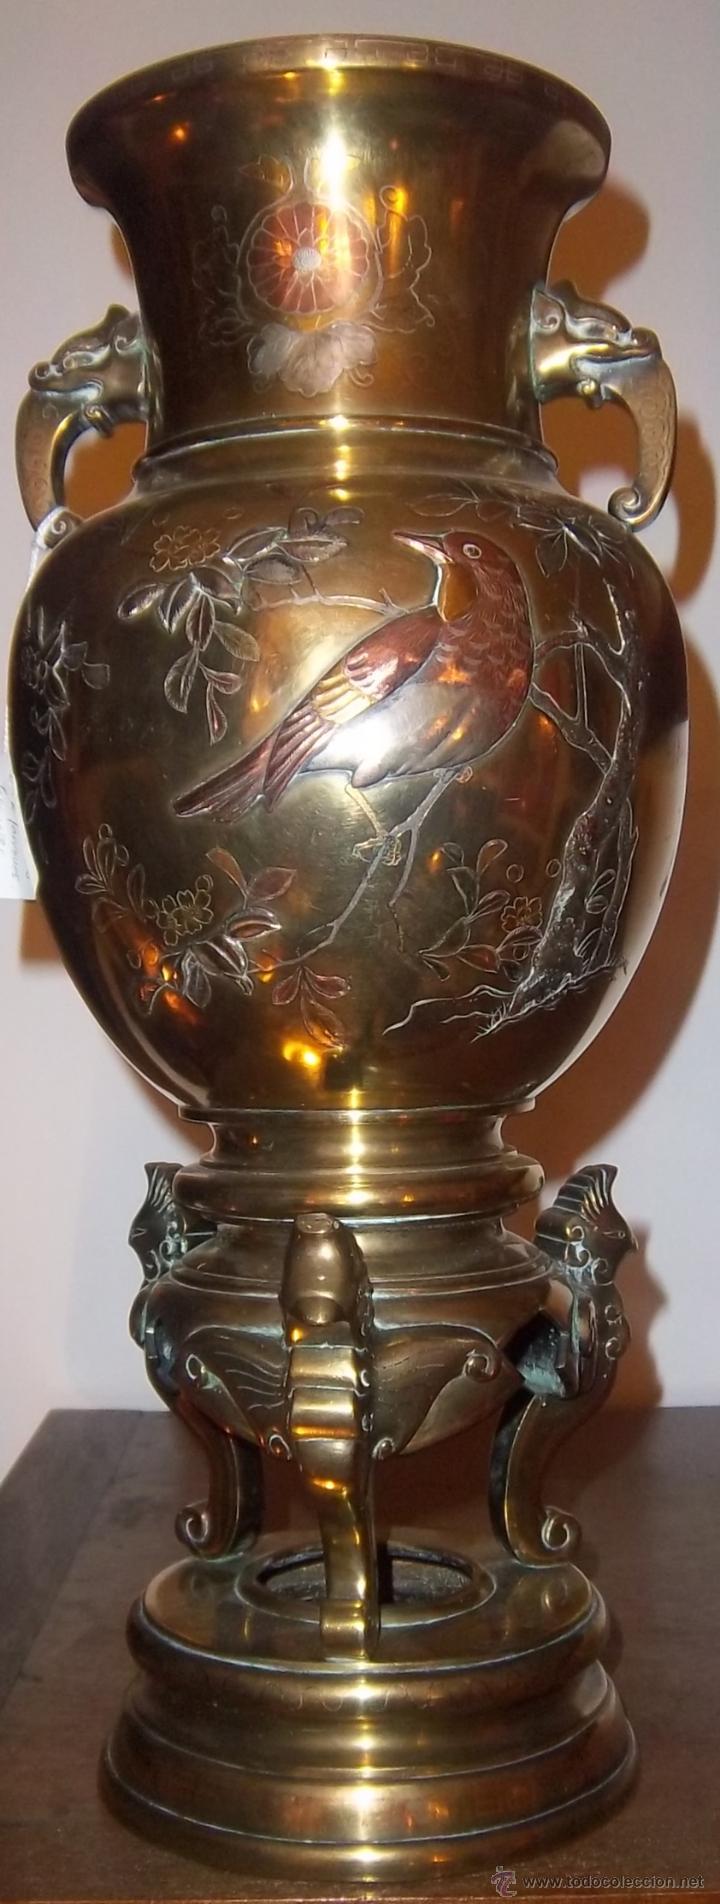 Antigüedades: PAREJA DE COPAS JAPONESAS, DE BRONCE, COBRE Y PLATA, CINCELADAS. SIGLO XIX - Foto 2 - 44448390